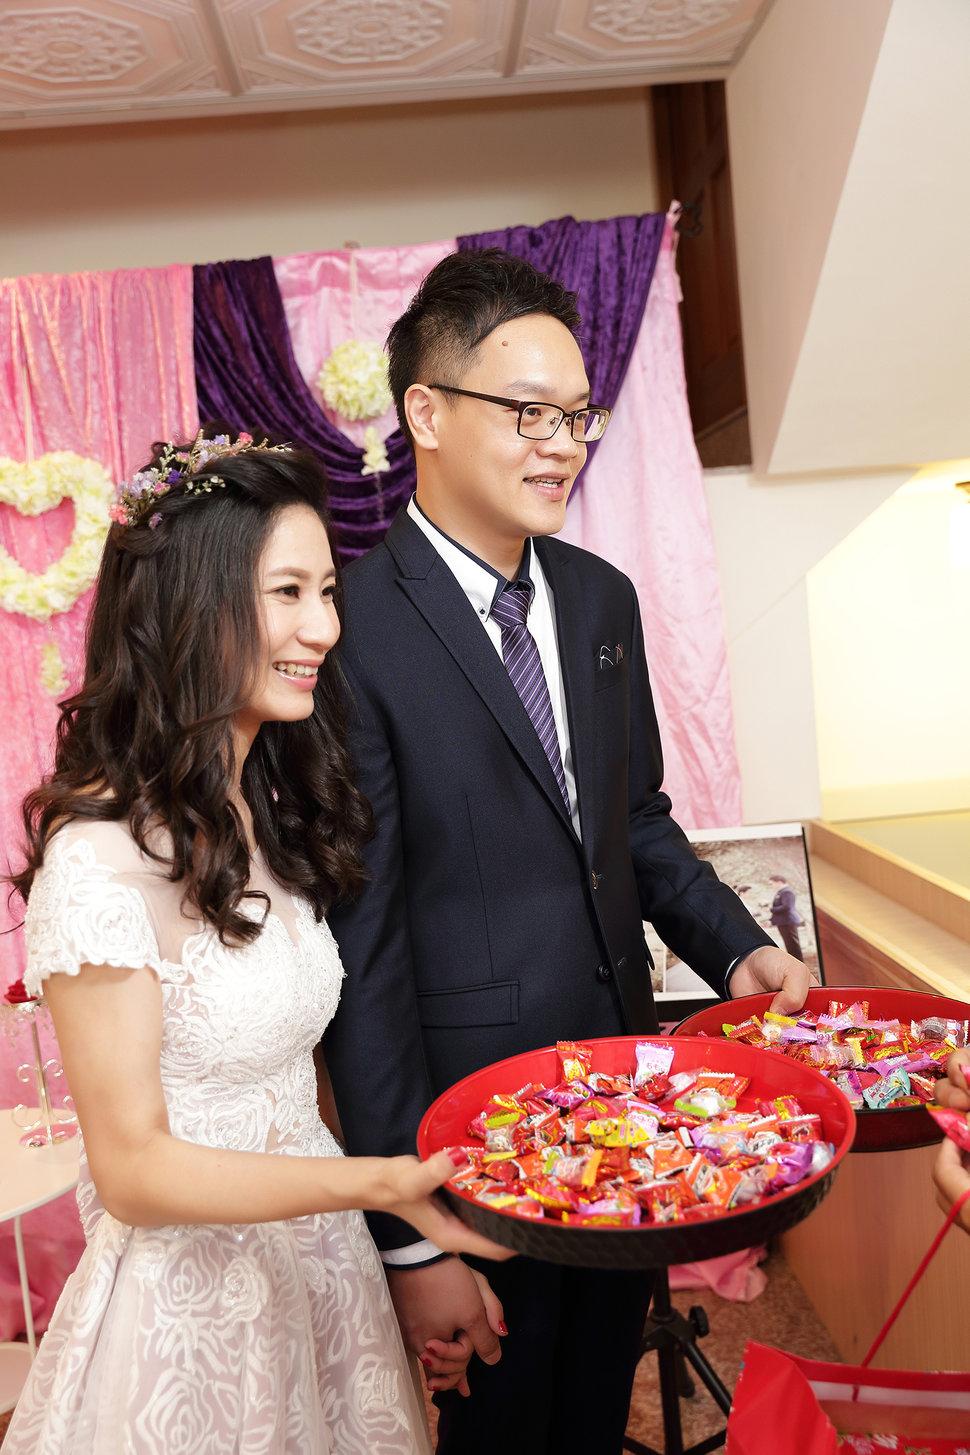 058A1580 - 倪秉影像 婚禮紀實攝影 - 結婚吧